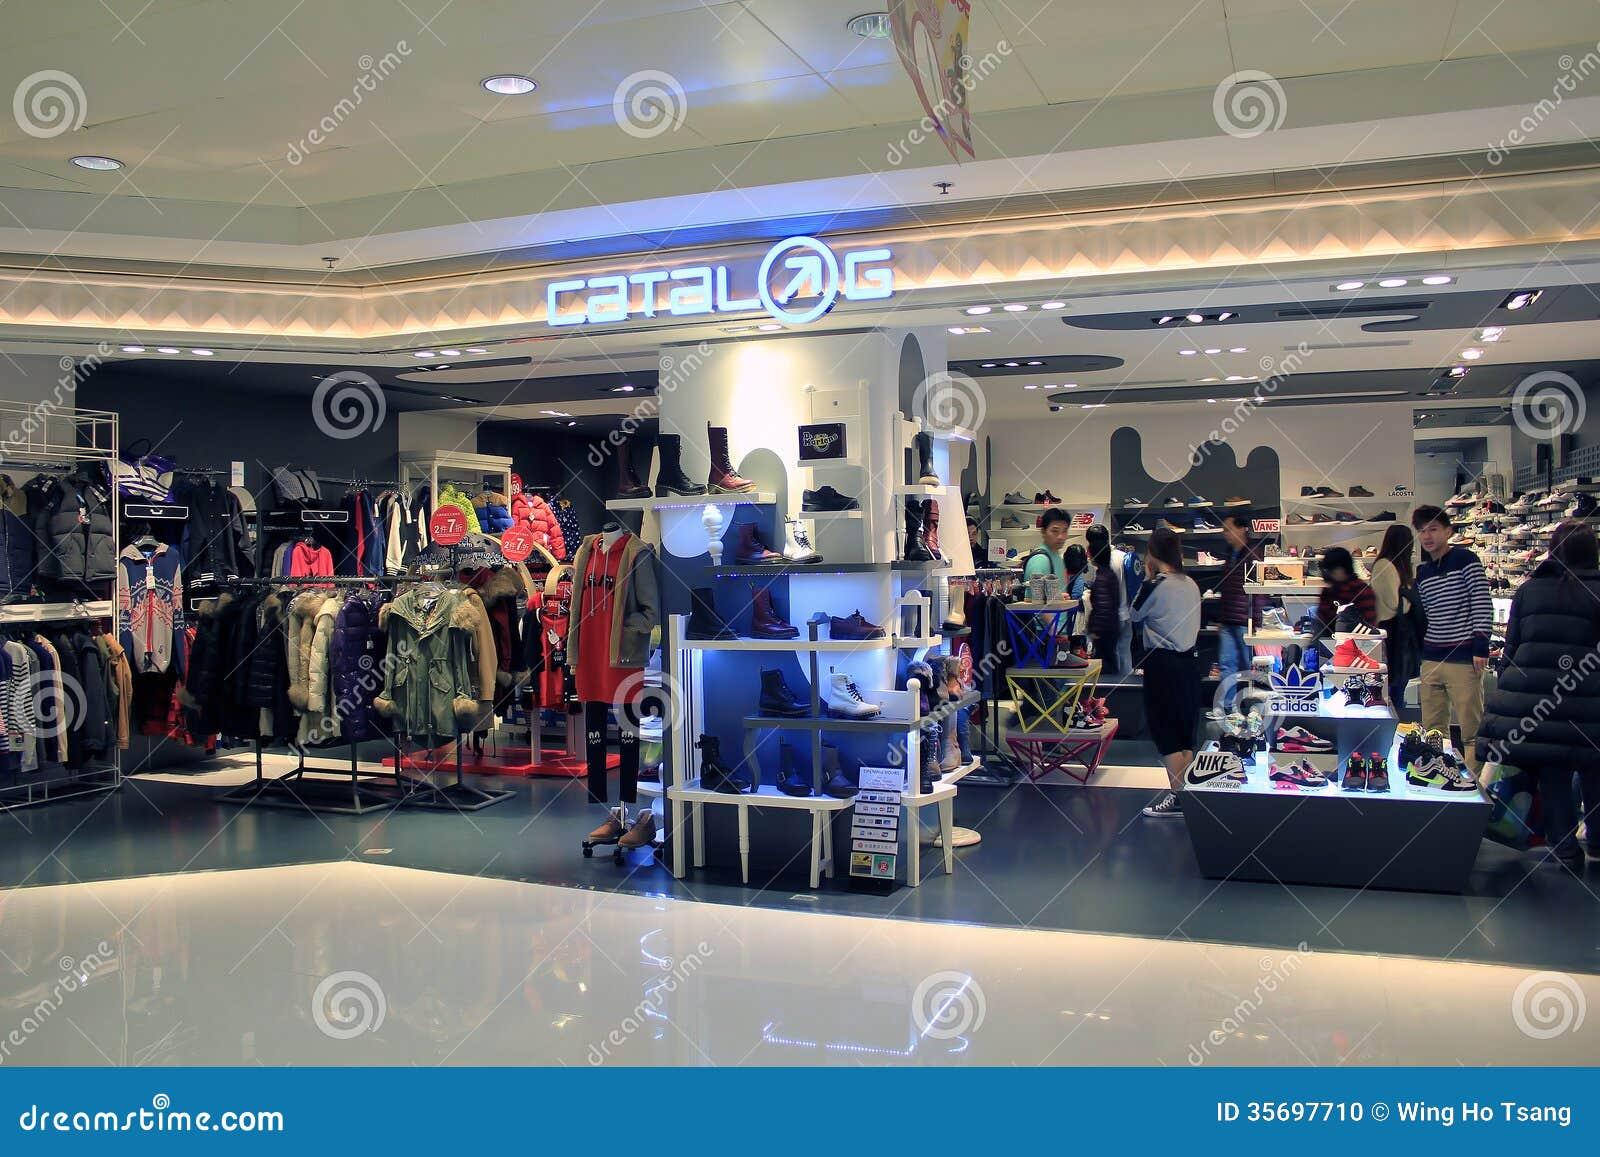 Адидас официальный интернет-магазин | Одежда и